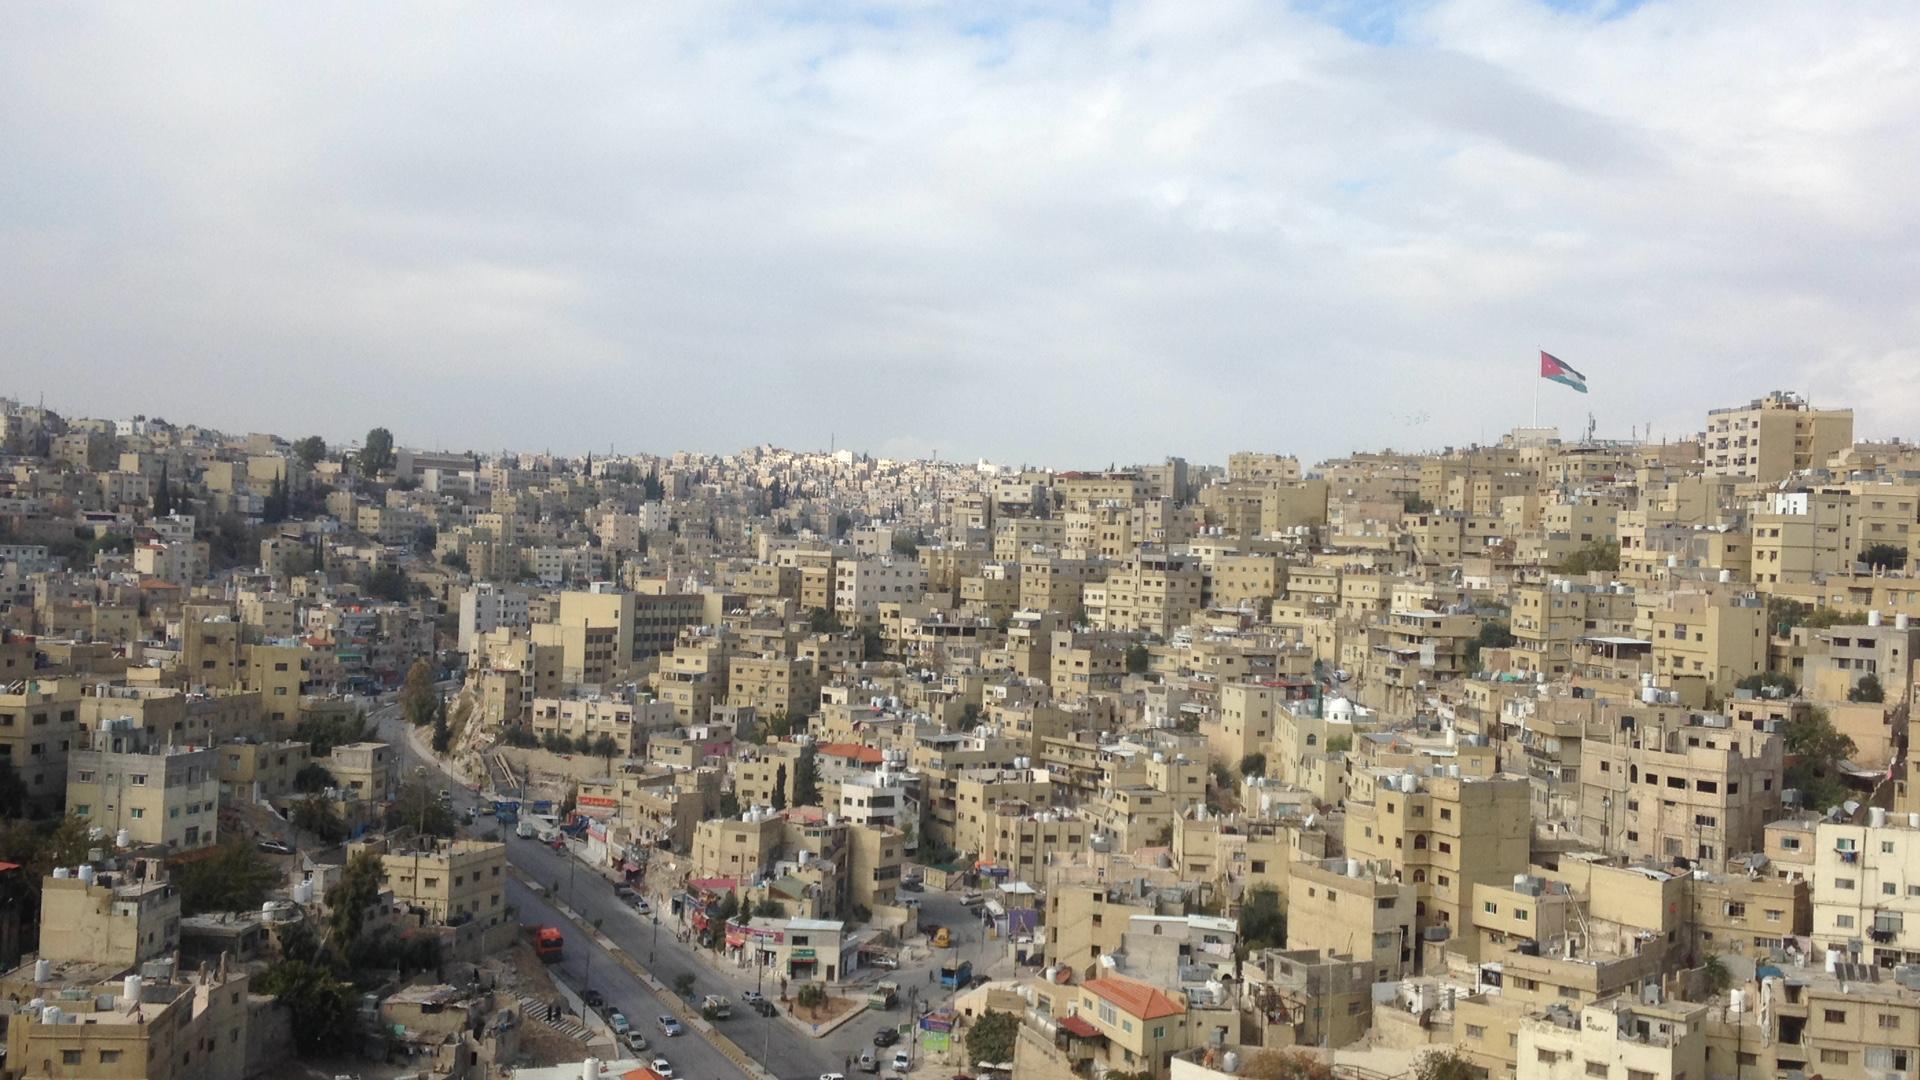 Der Engel von Amman